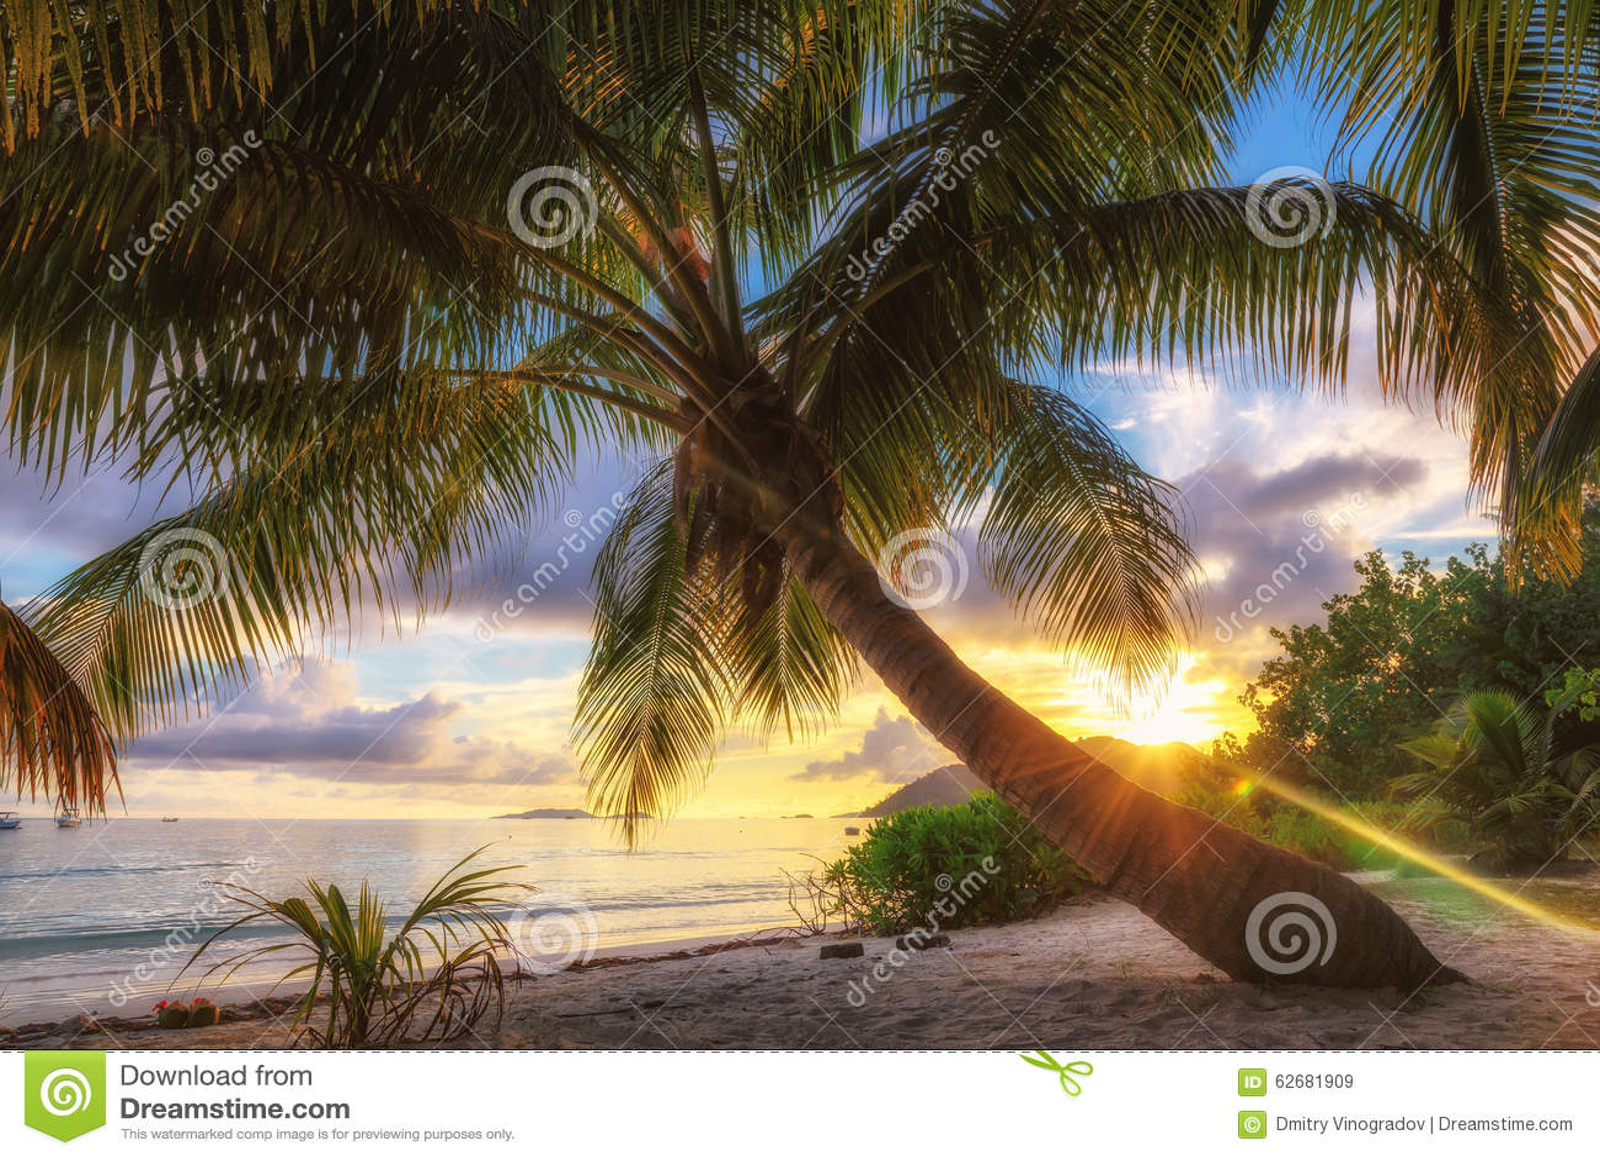 日出的棕榈滩在普拉兰岛海岛,塞舌尔群岛上